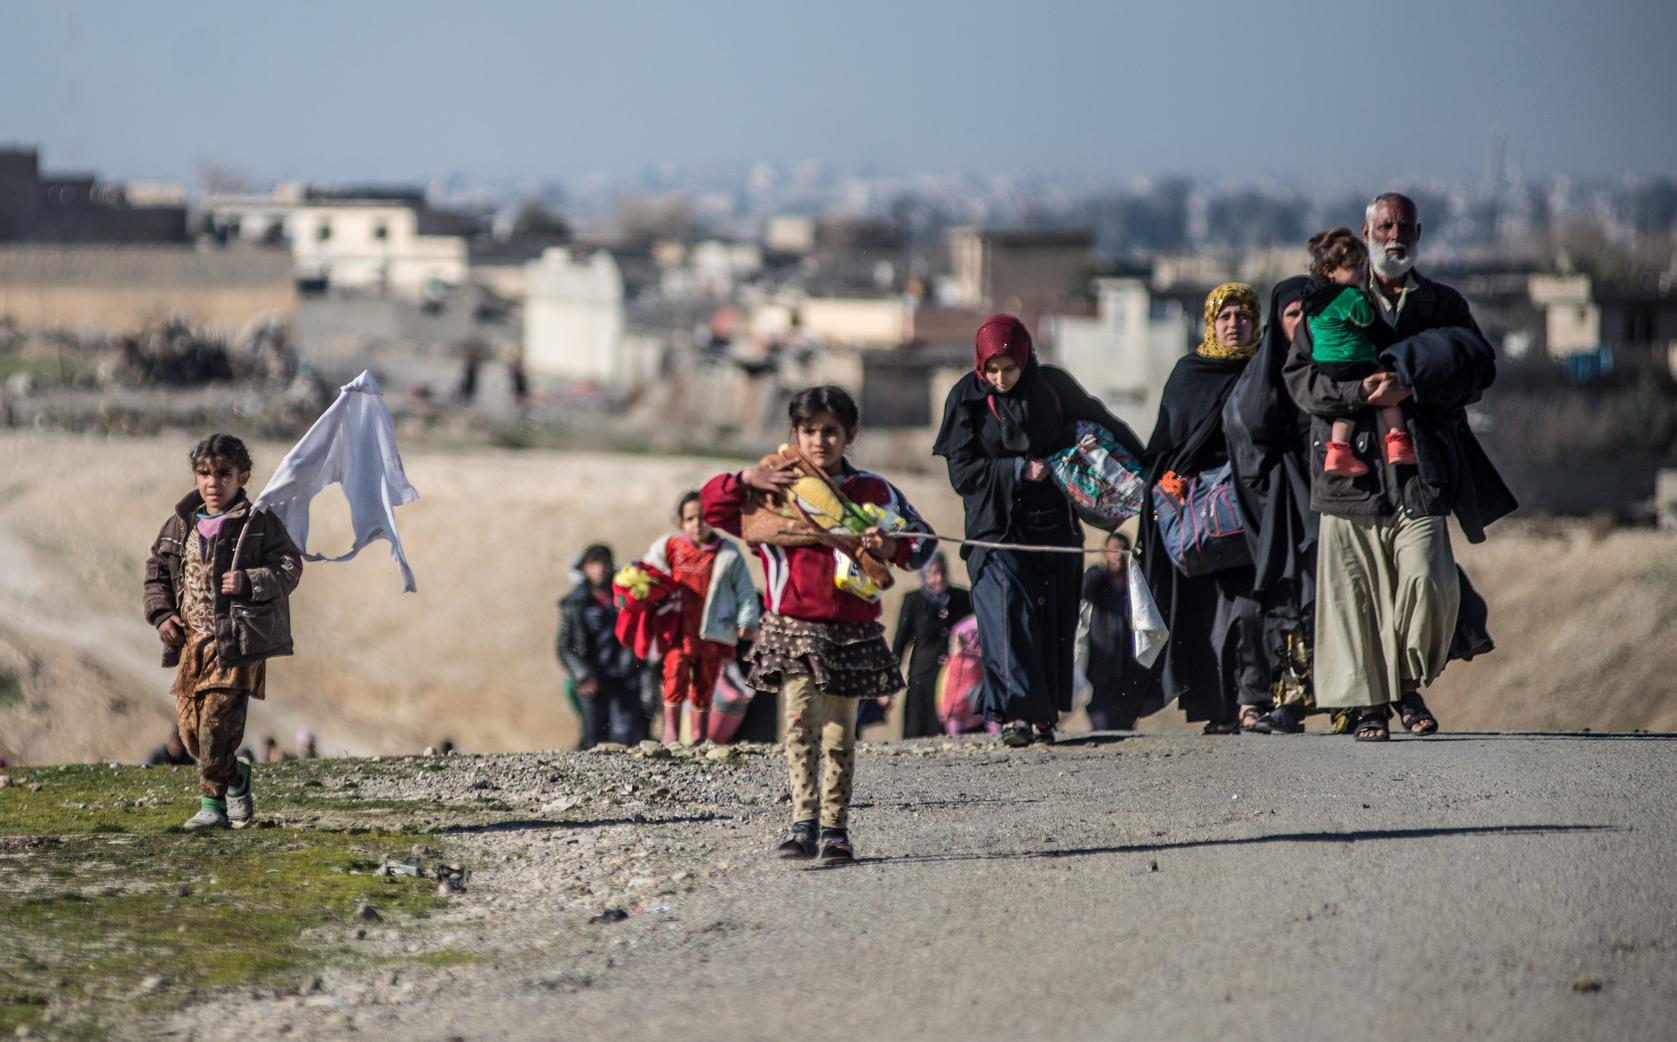 Più di 65 milioni di persone sono in fuga dai loro paesi